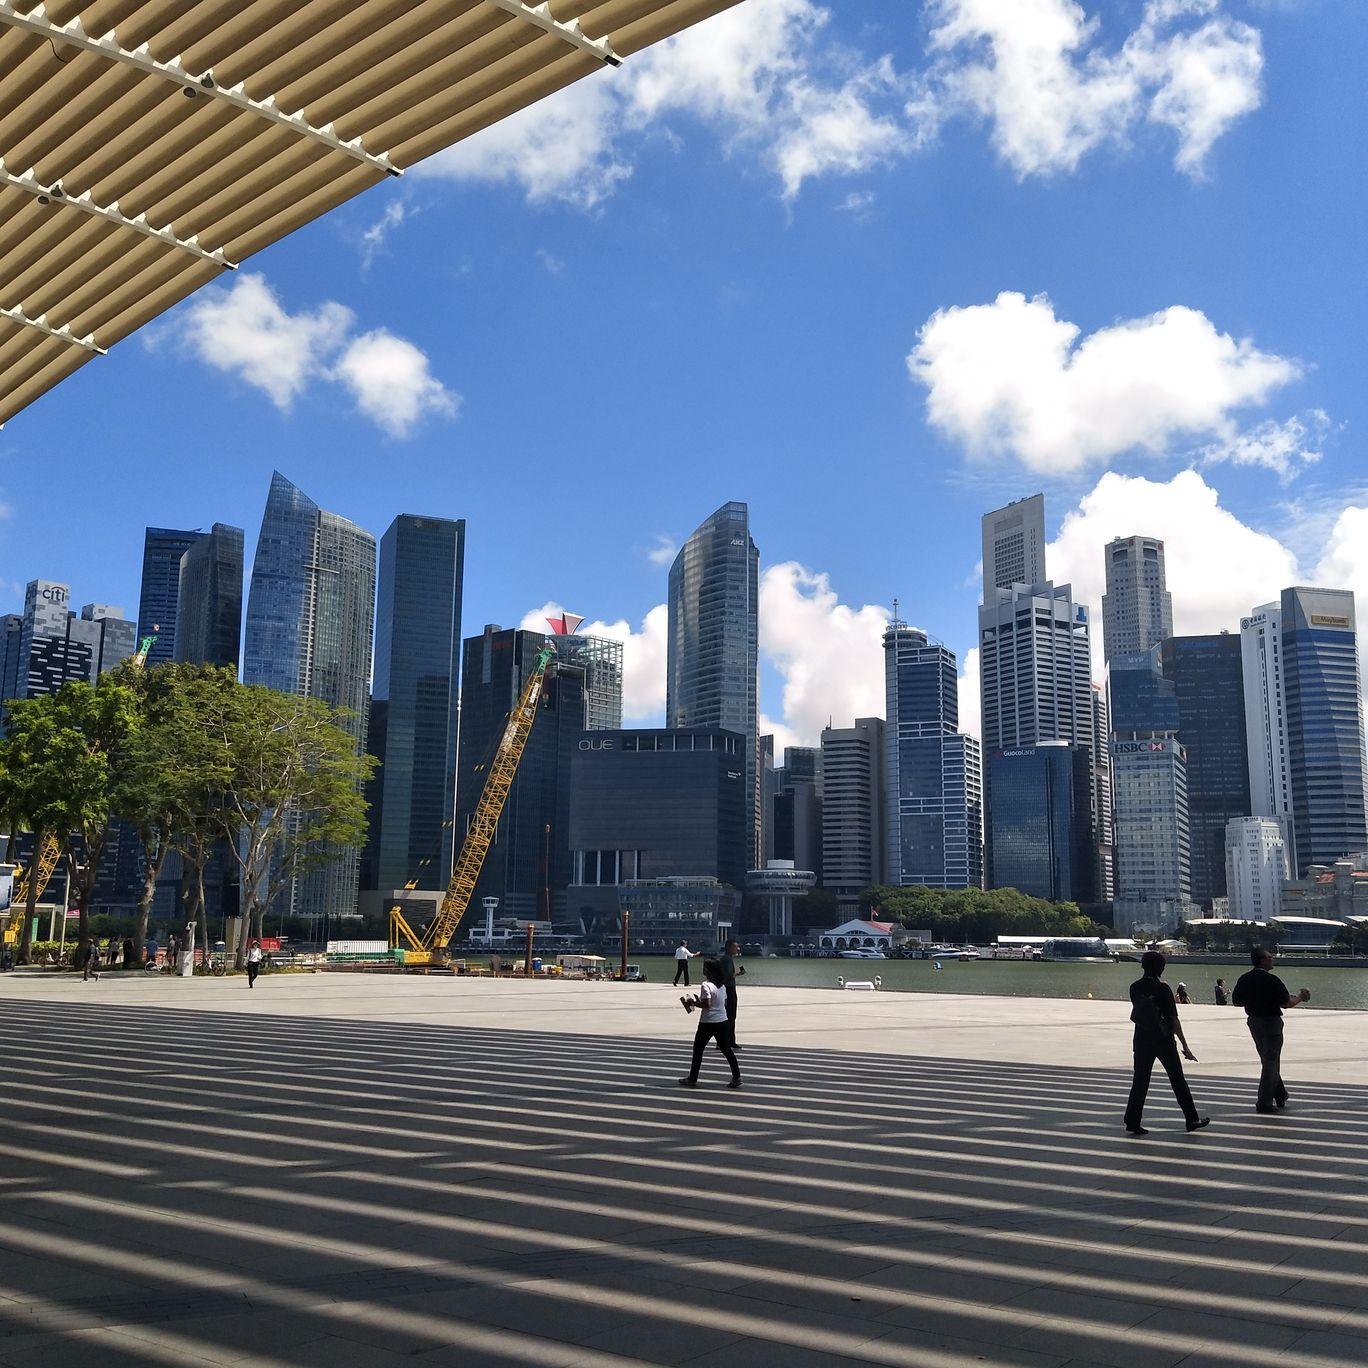 Photo of Singapore By Anugrah pawar